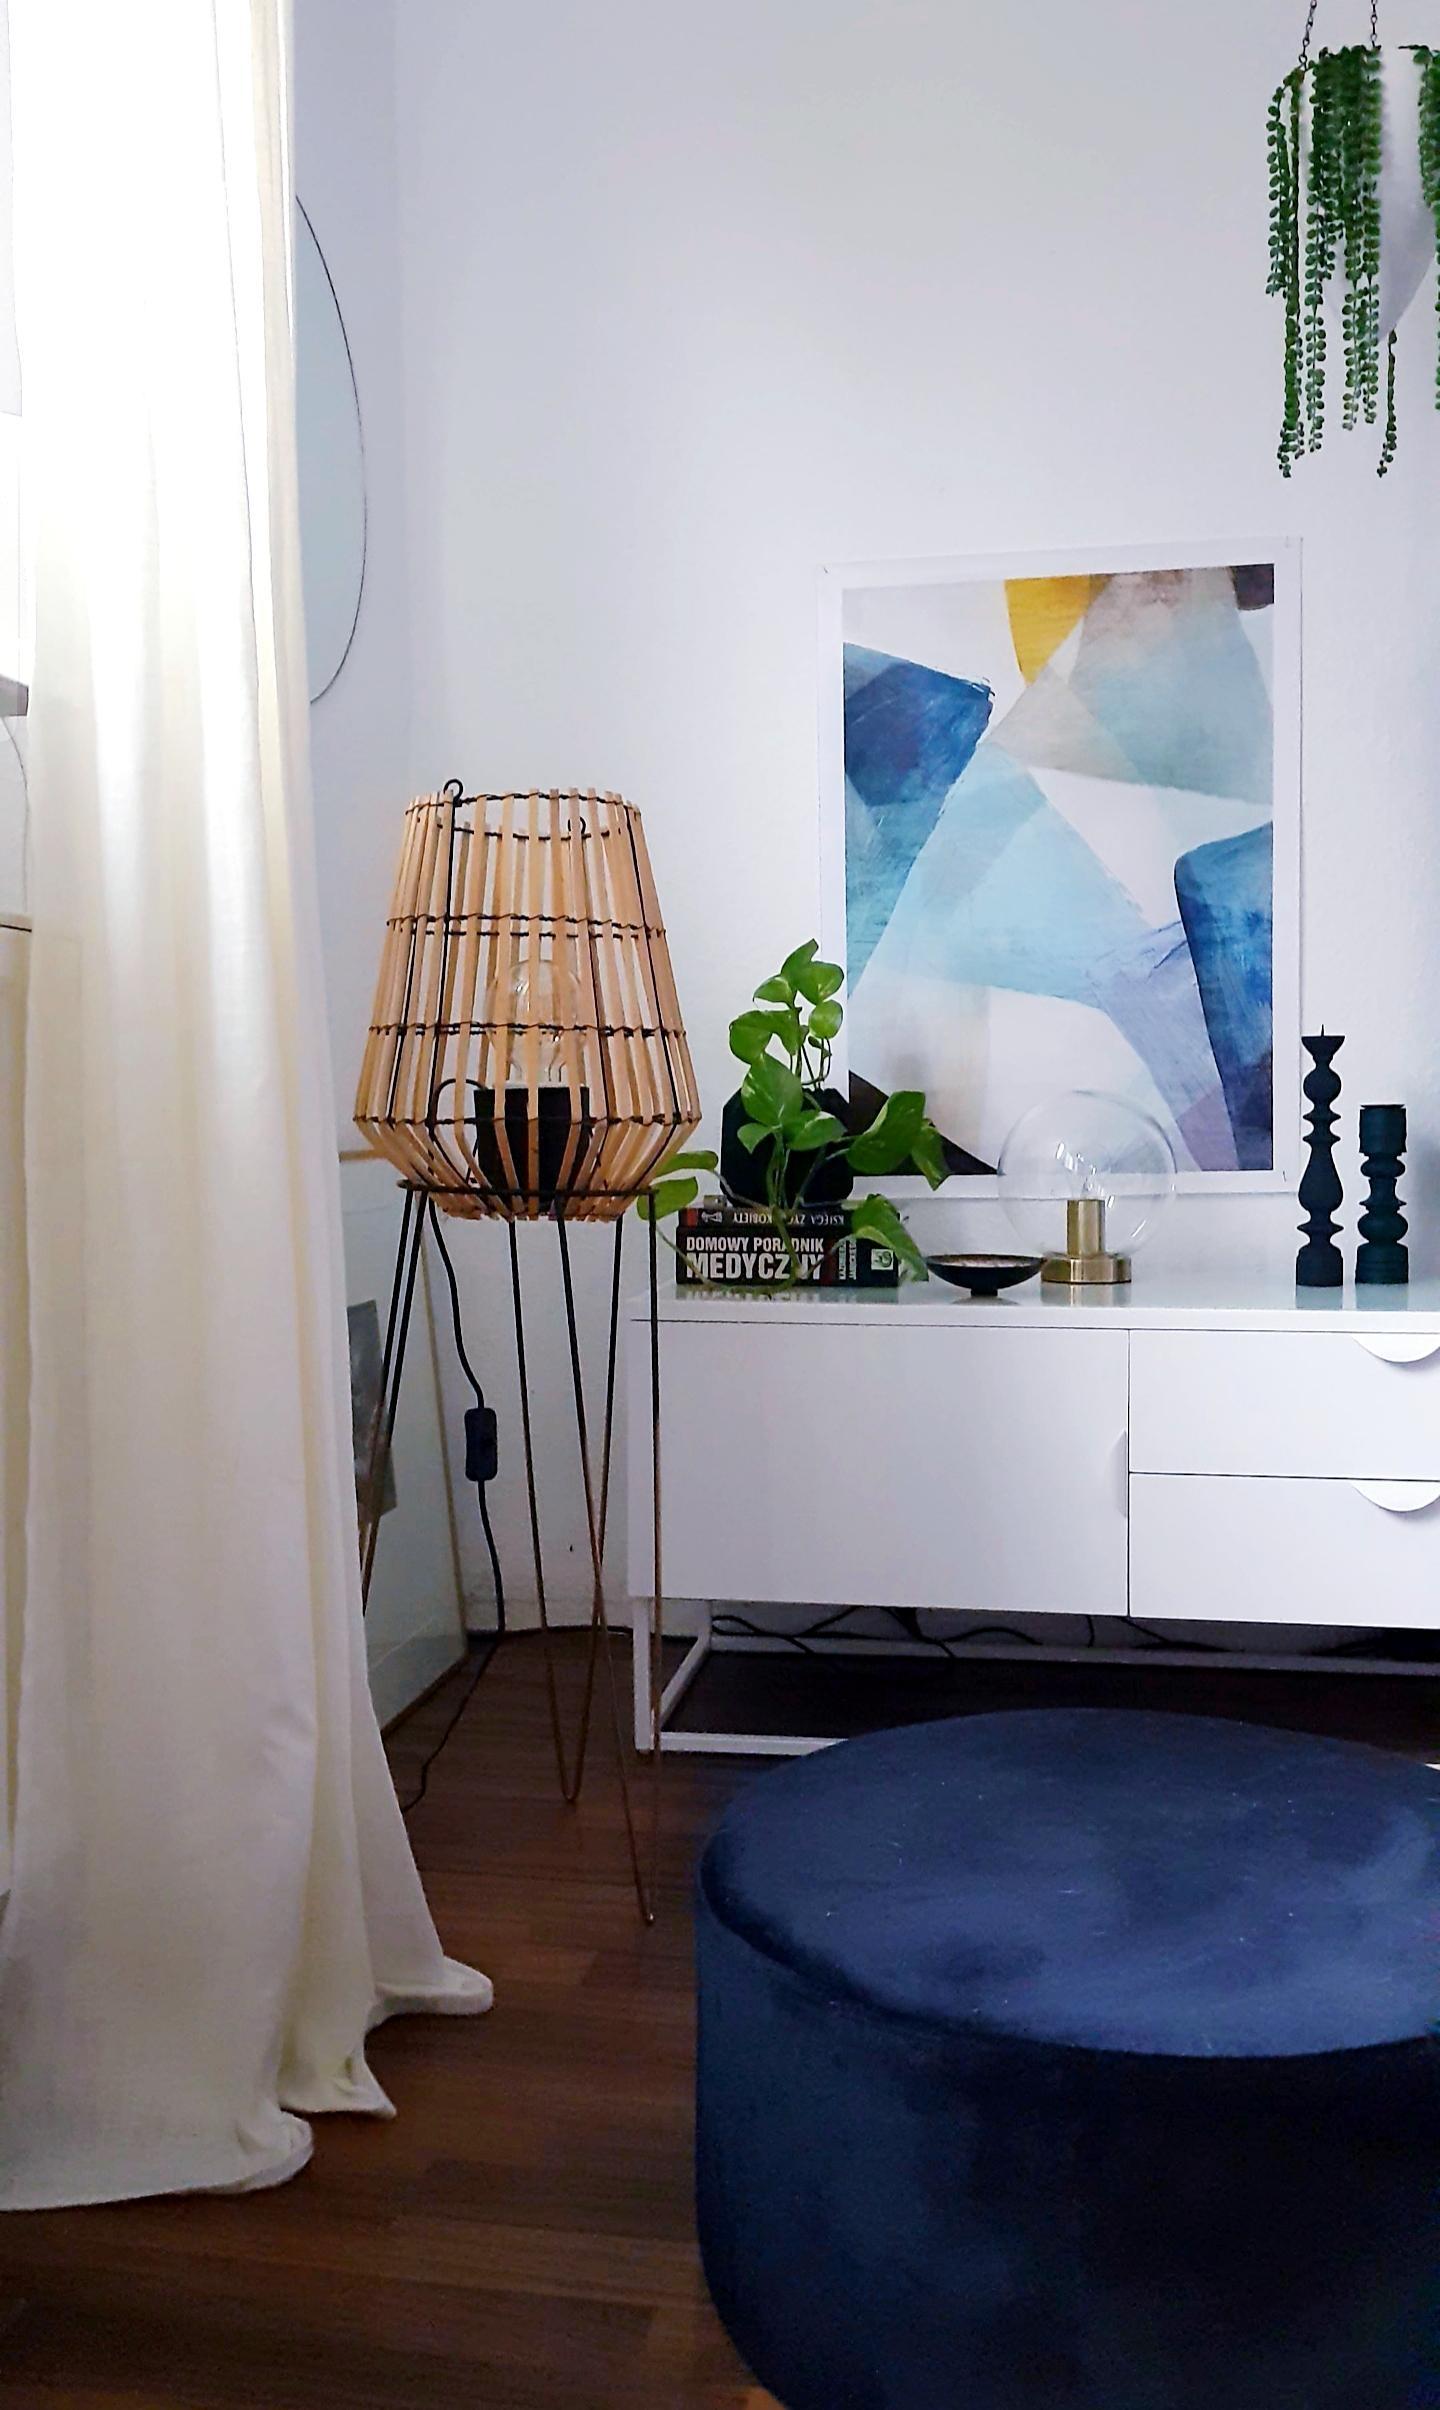 Full Size of Wohnzimmer Vitrine Weiß Vorhänge Tapete Deckenlampen Stehleuchte Deckenleuchte Anbauwand Led Lampen Beleuchtung Fototapeten Tisch Wohnzimmer Dekorationsideen Wohnzimmer